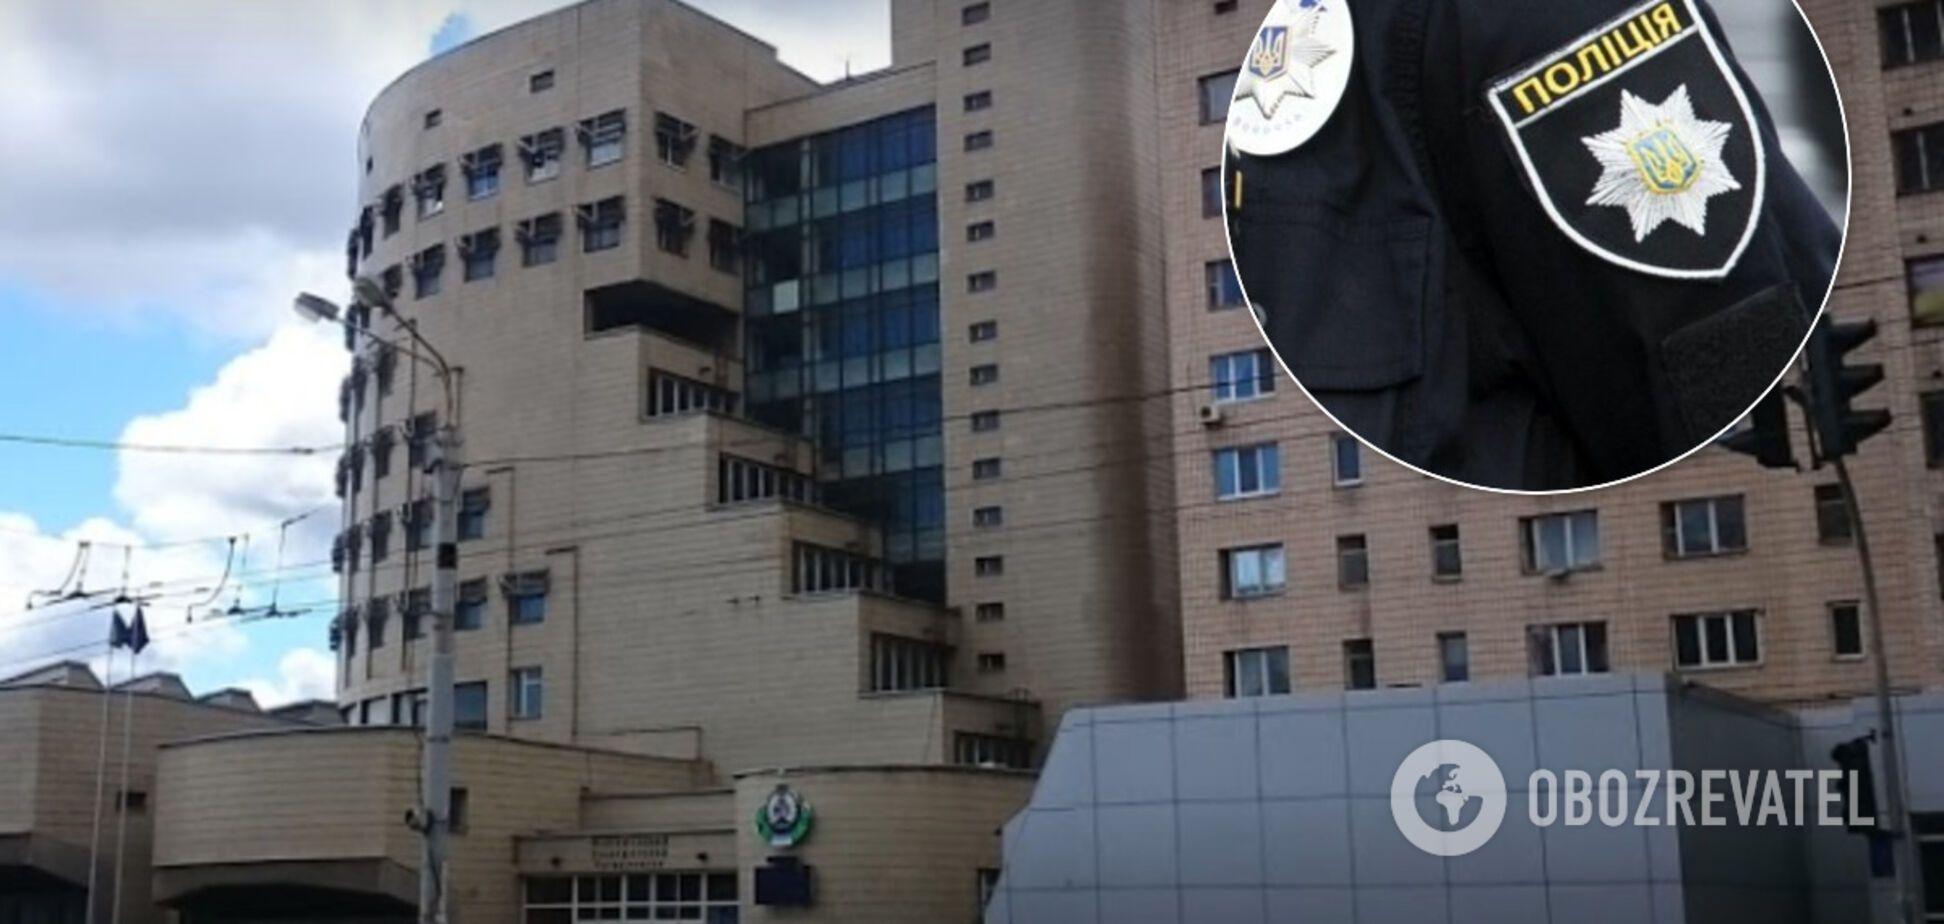 У Києві під університетом знайшли тіло людини